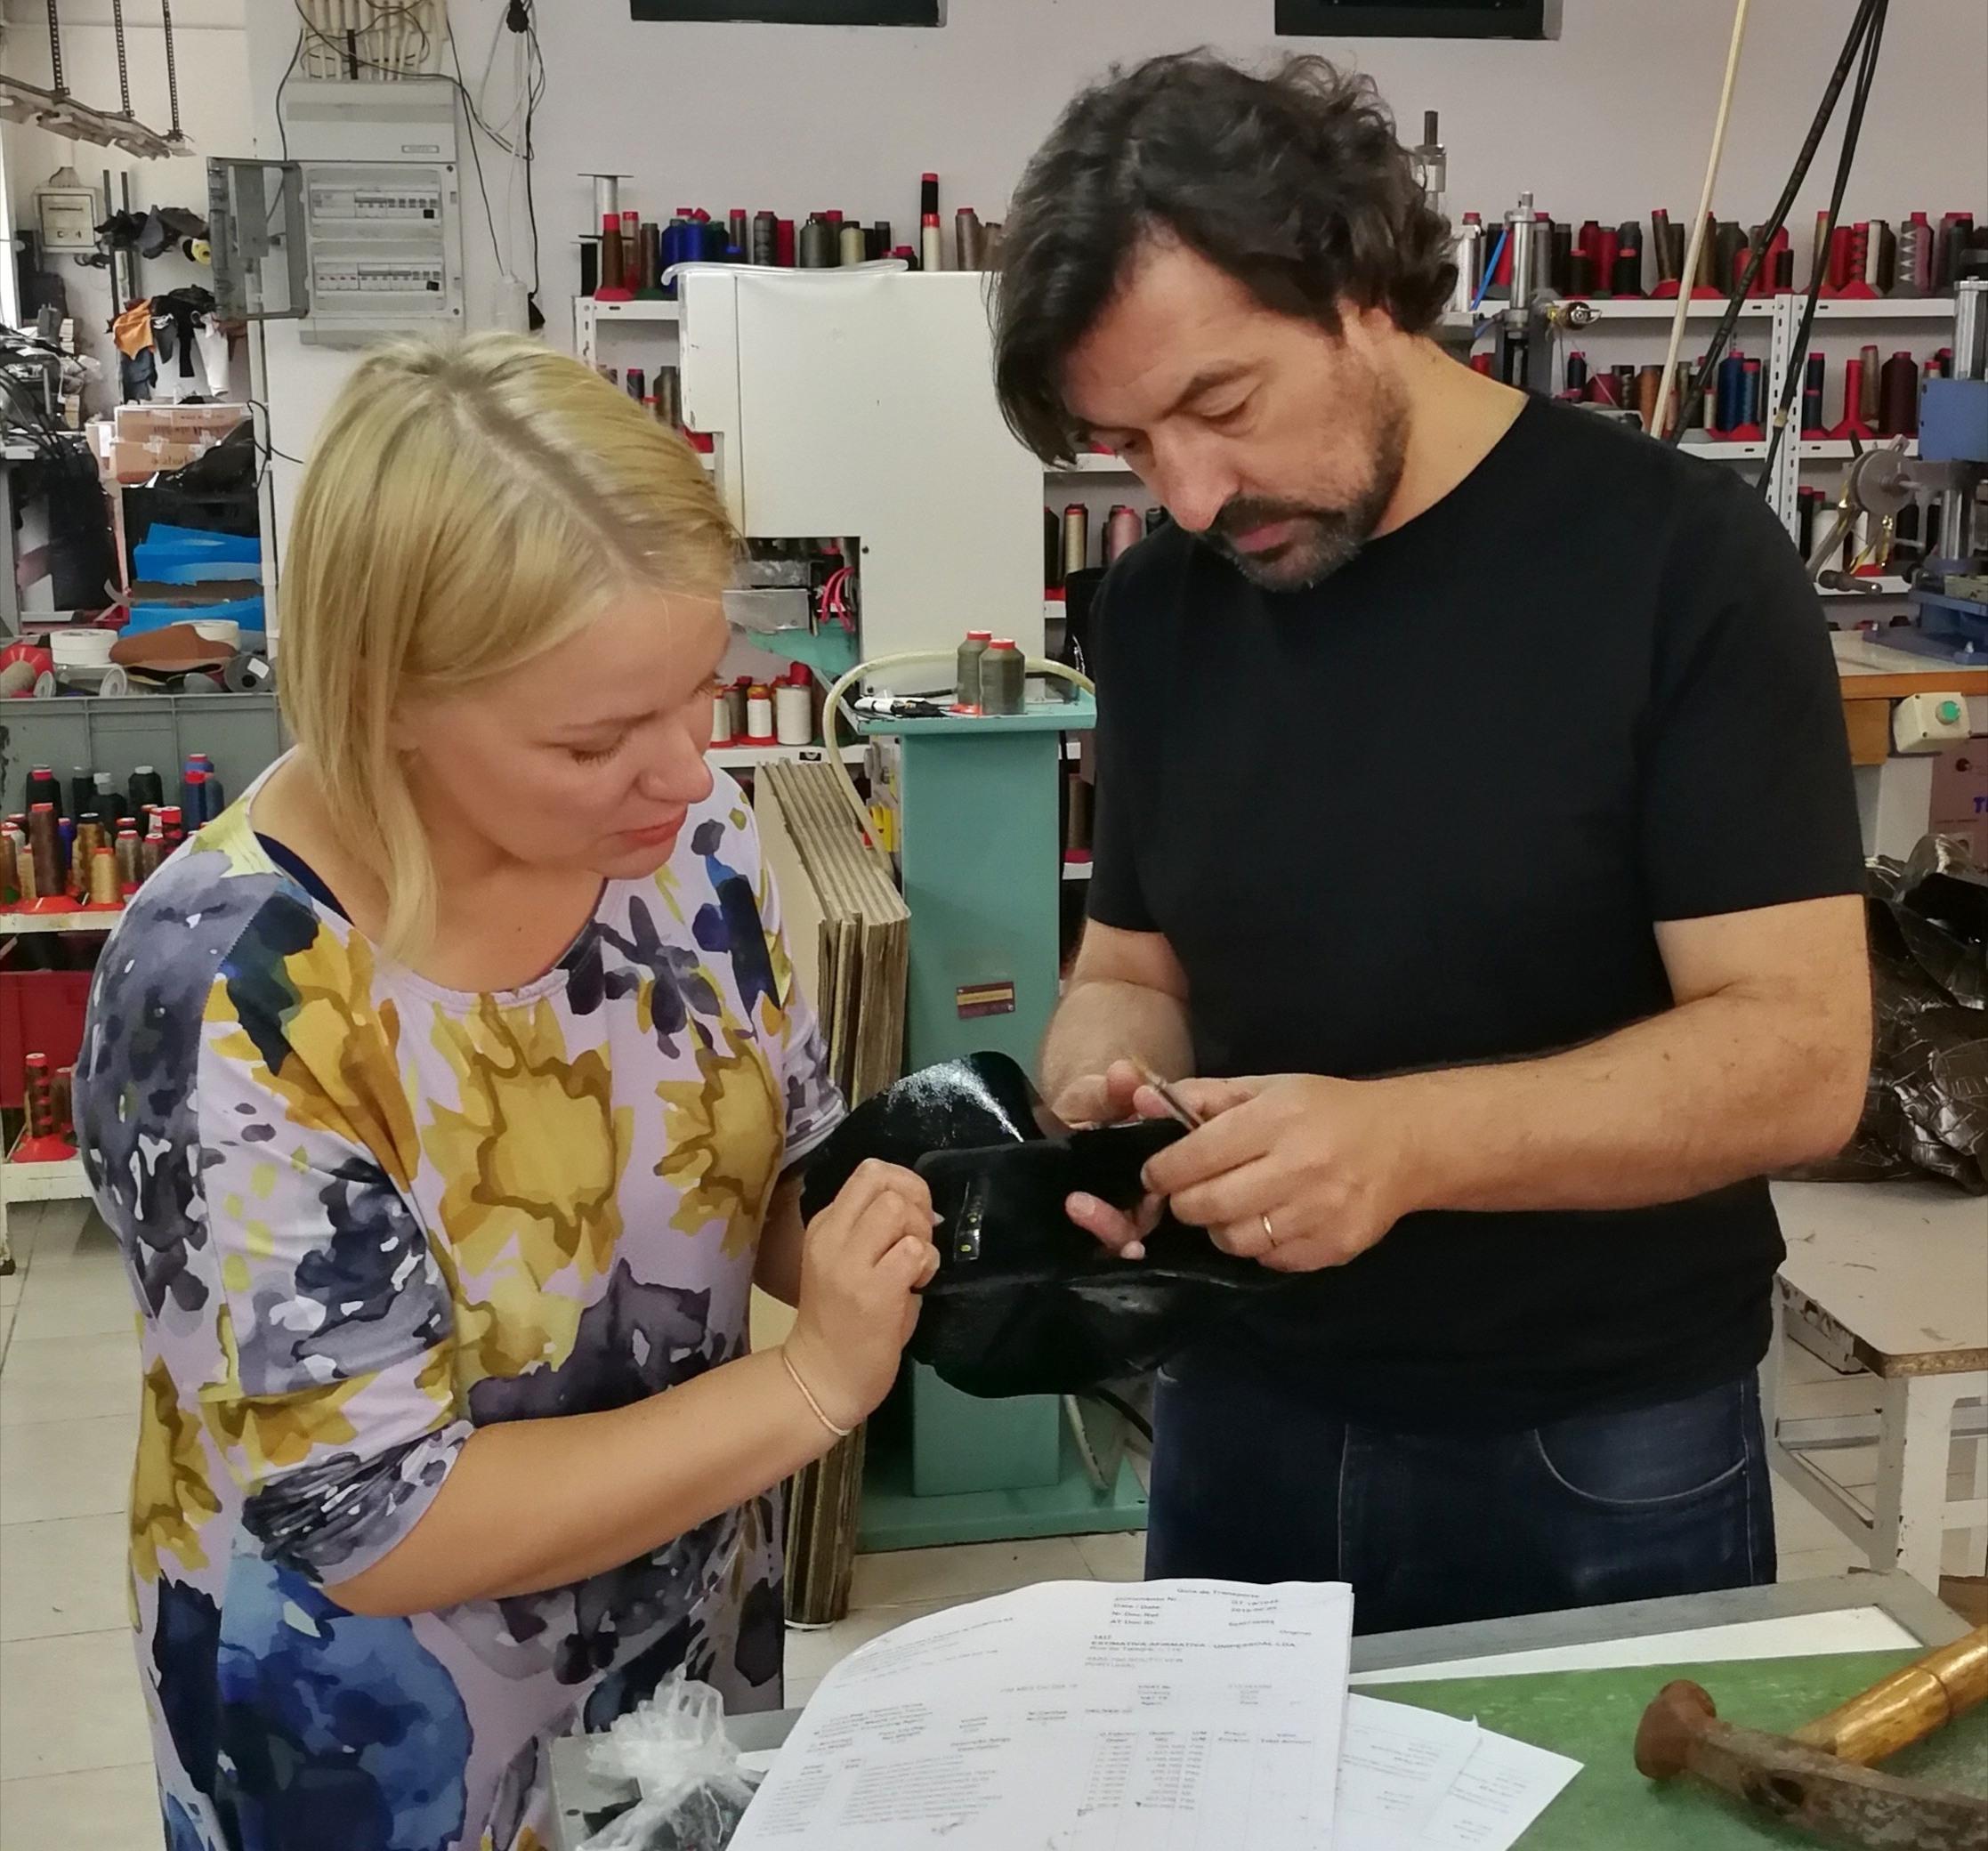 Vilma ja Joao tarkastelevat kengän päällisneulosta ennen lestille pinnaamista.